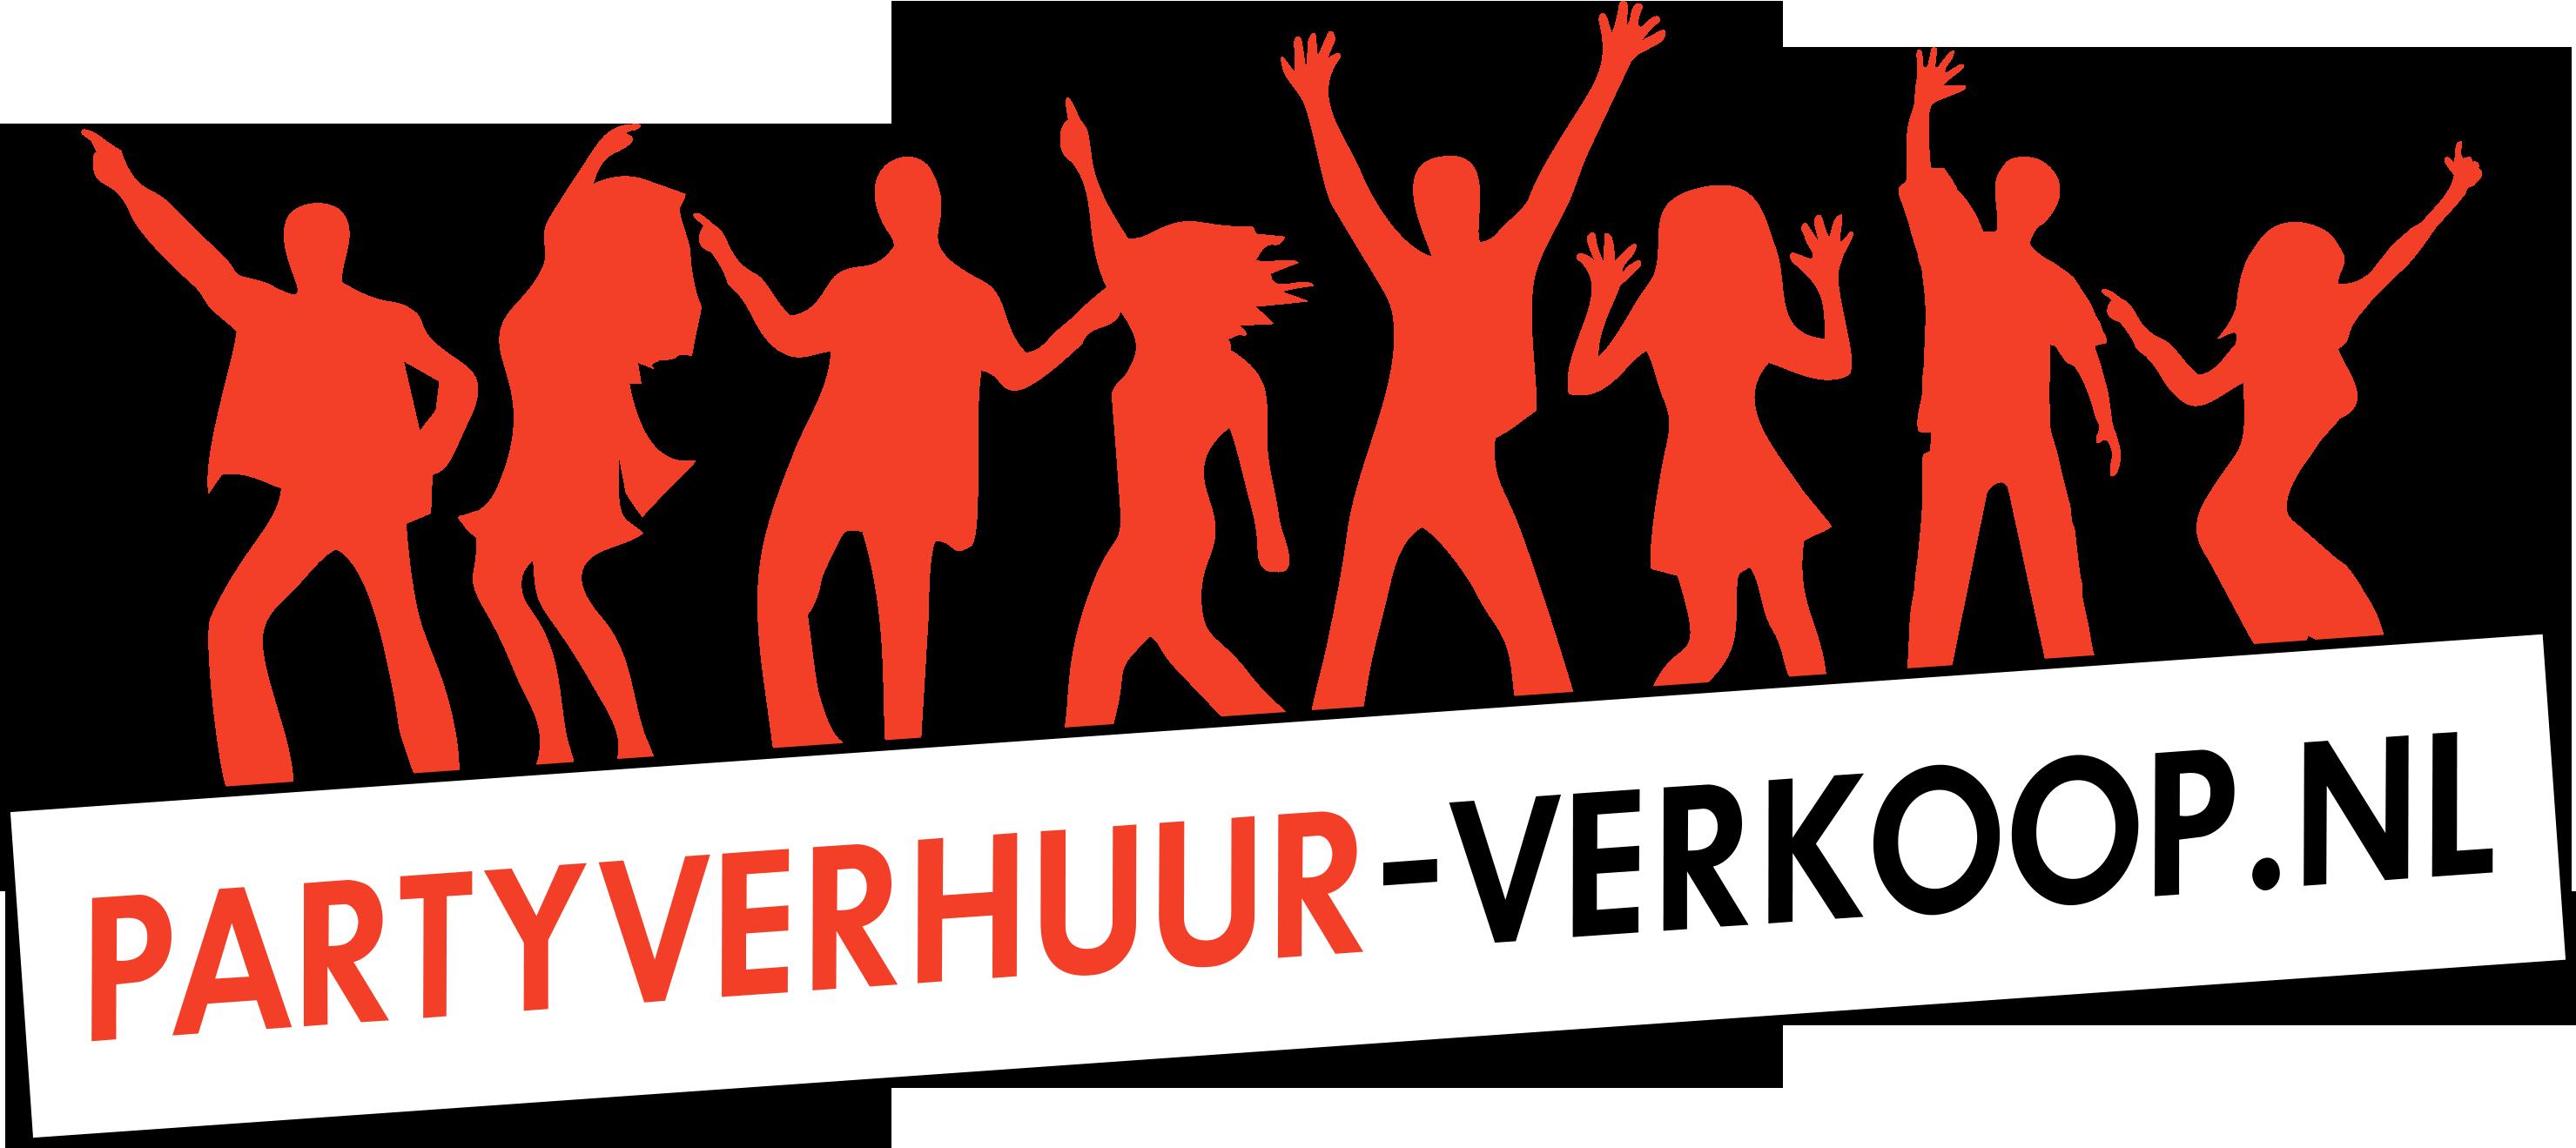 (c) Partyverhuur-verkoop.nl